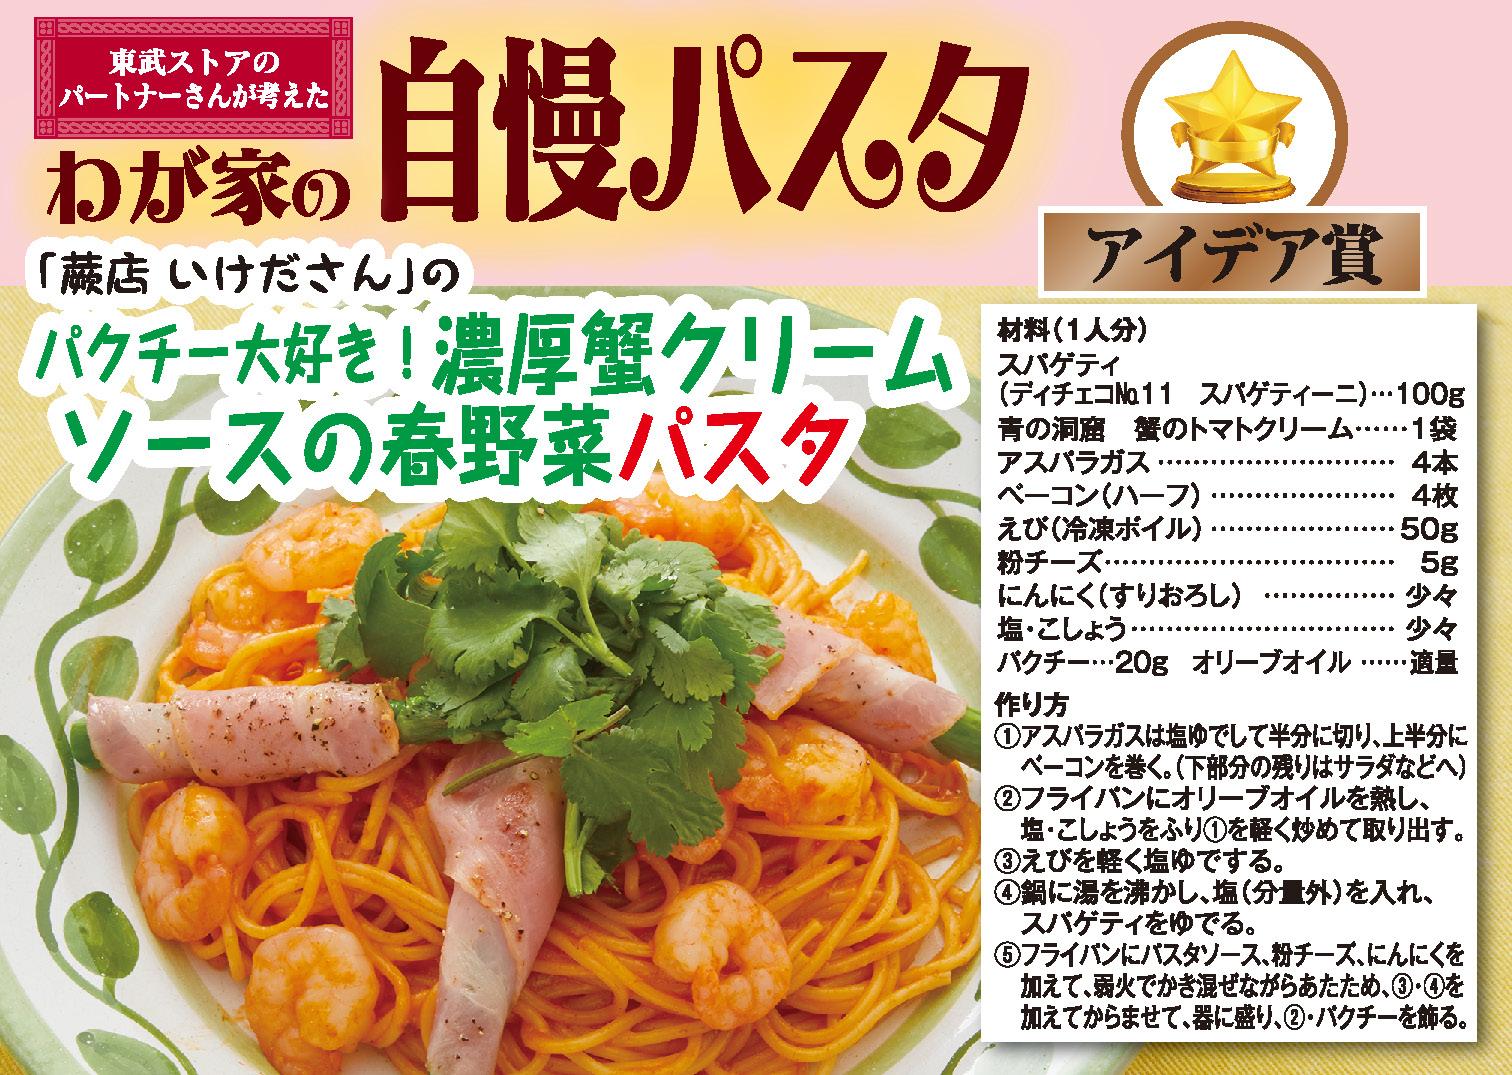 濃厚蟹クリームソースの春野菜パスタ